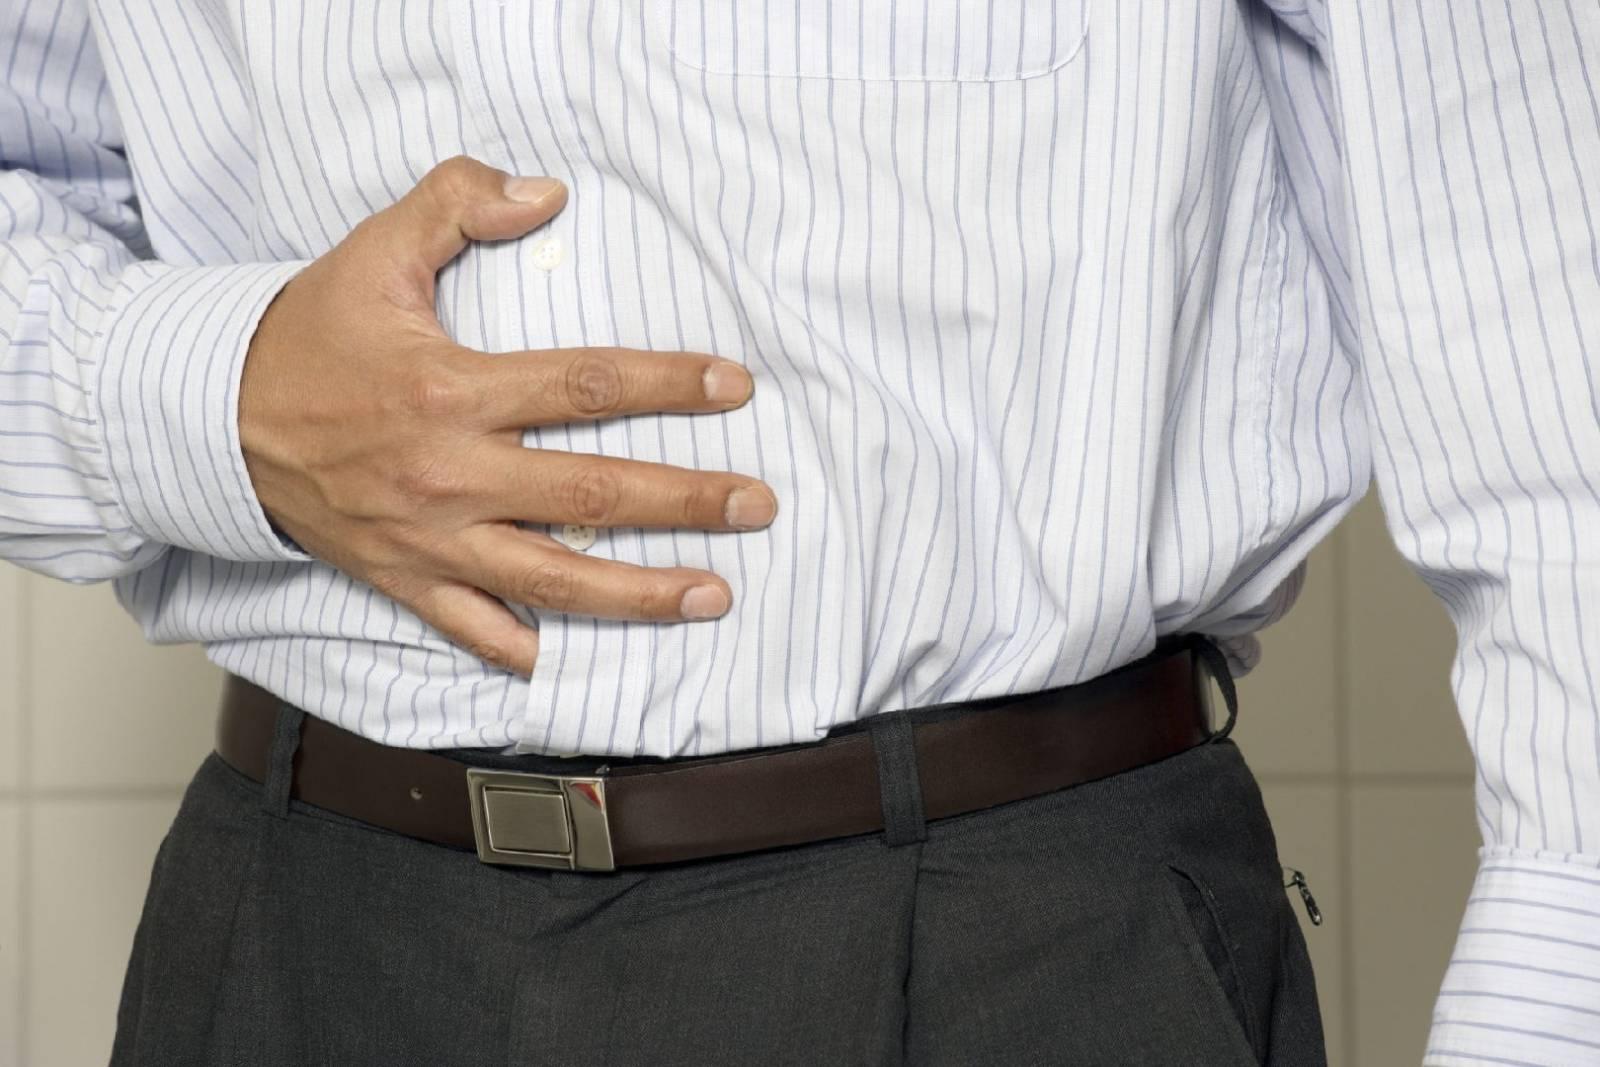 Первый признак панкреатита - боль в животе